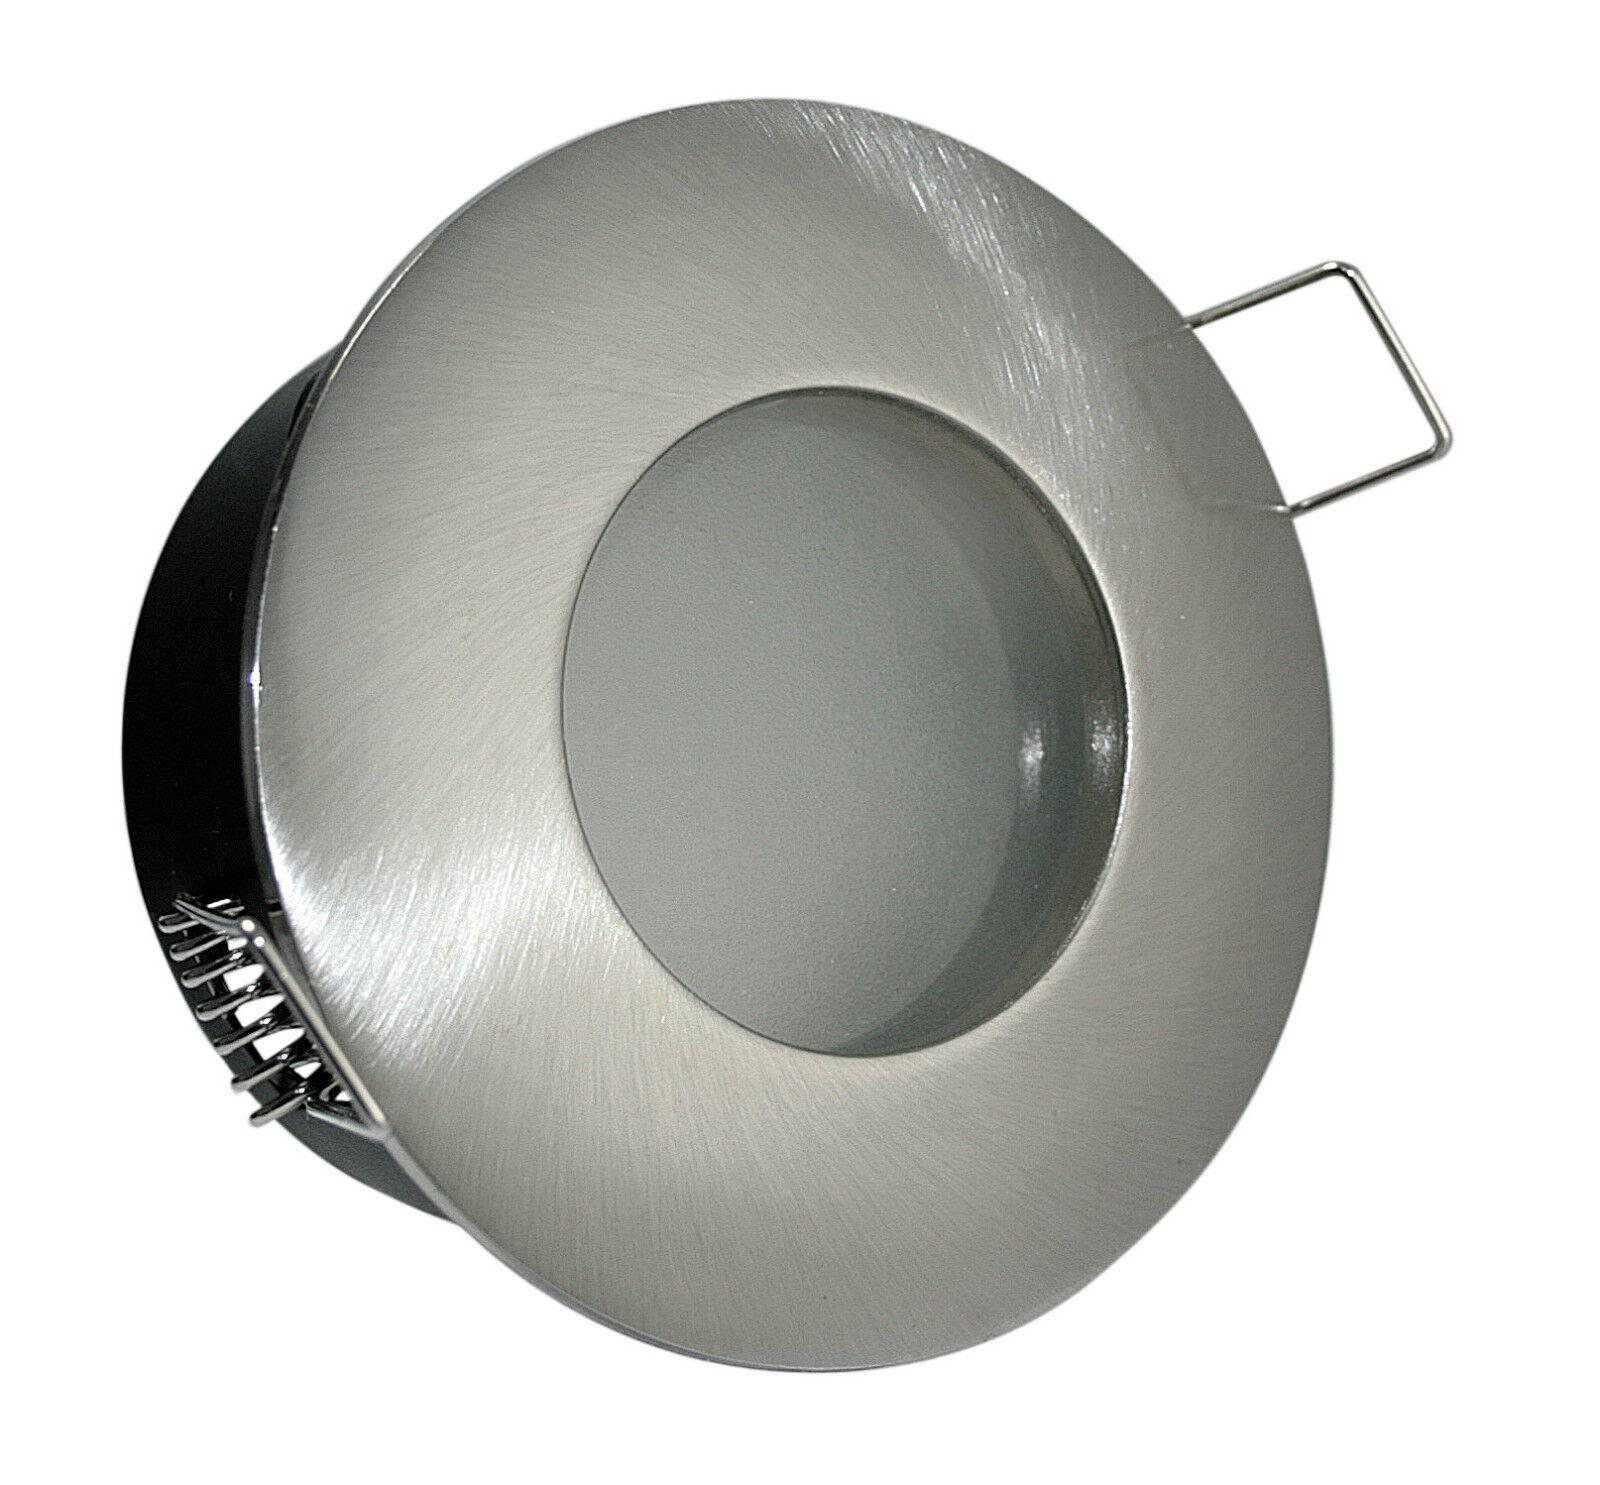 Badleuchte Aqua IP65 & GU10 5 Watt LED COB Downlight Badezimmer Dusche 230V